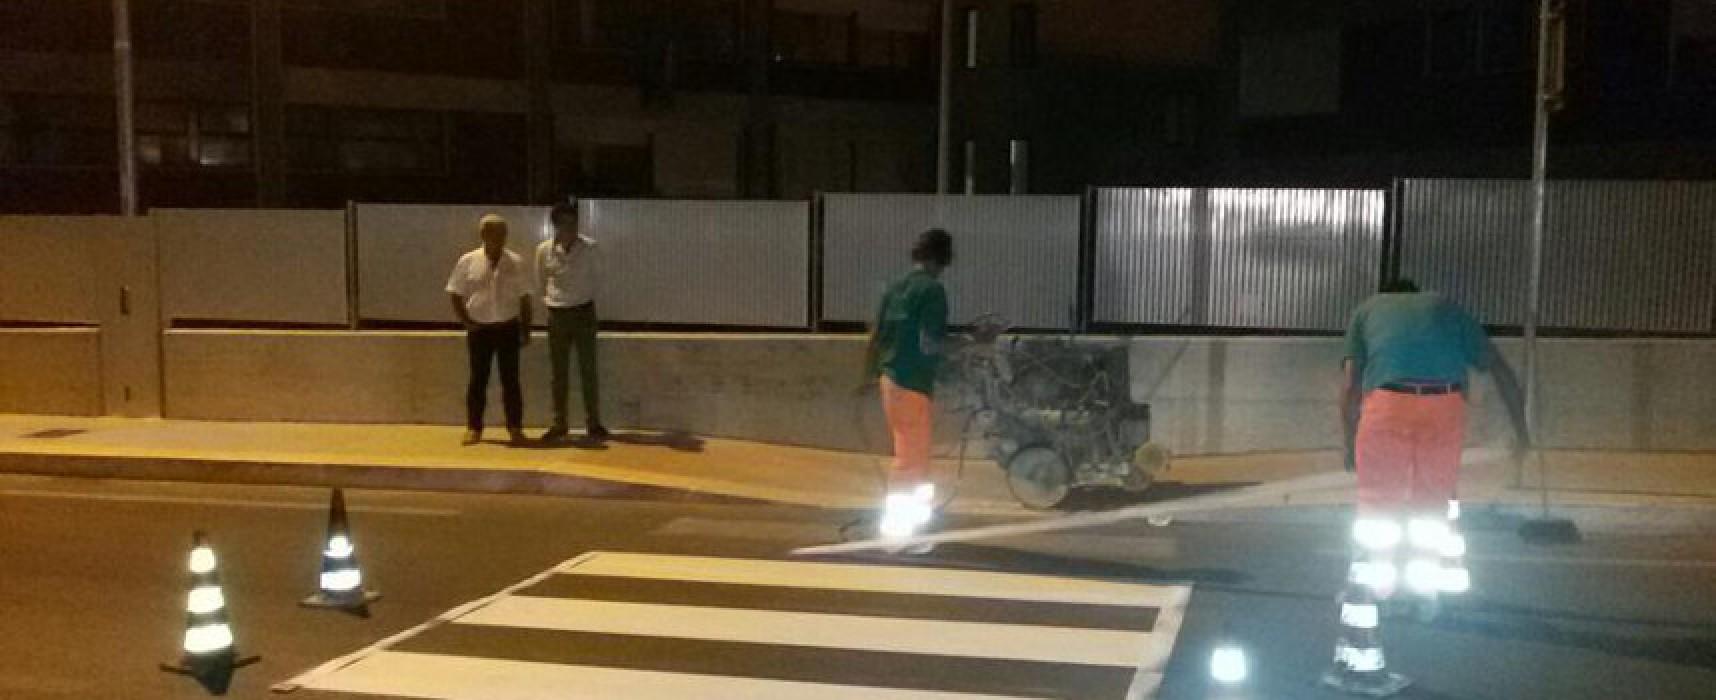 Strisce pedonali visibili e semafori funzionanti nei pressi delle scuole, partiti i lavori